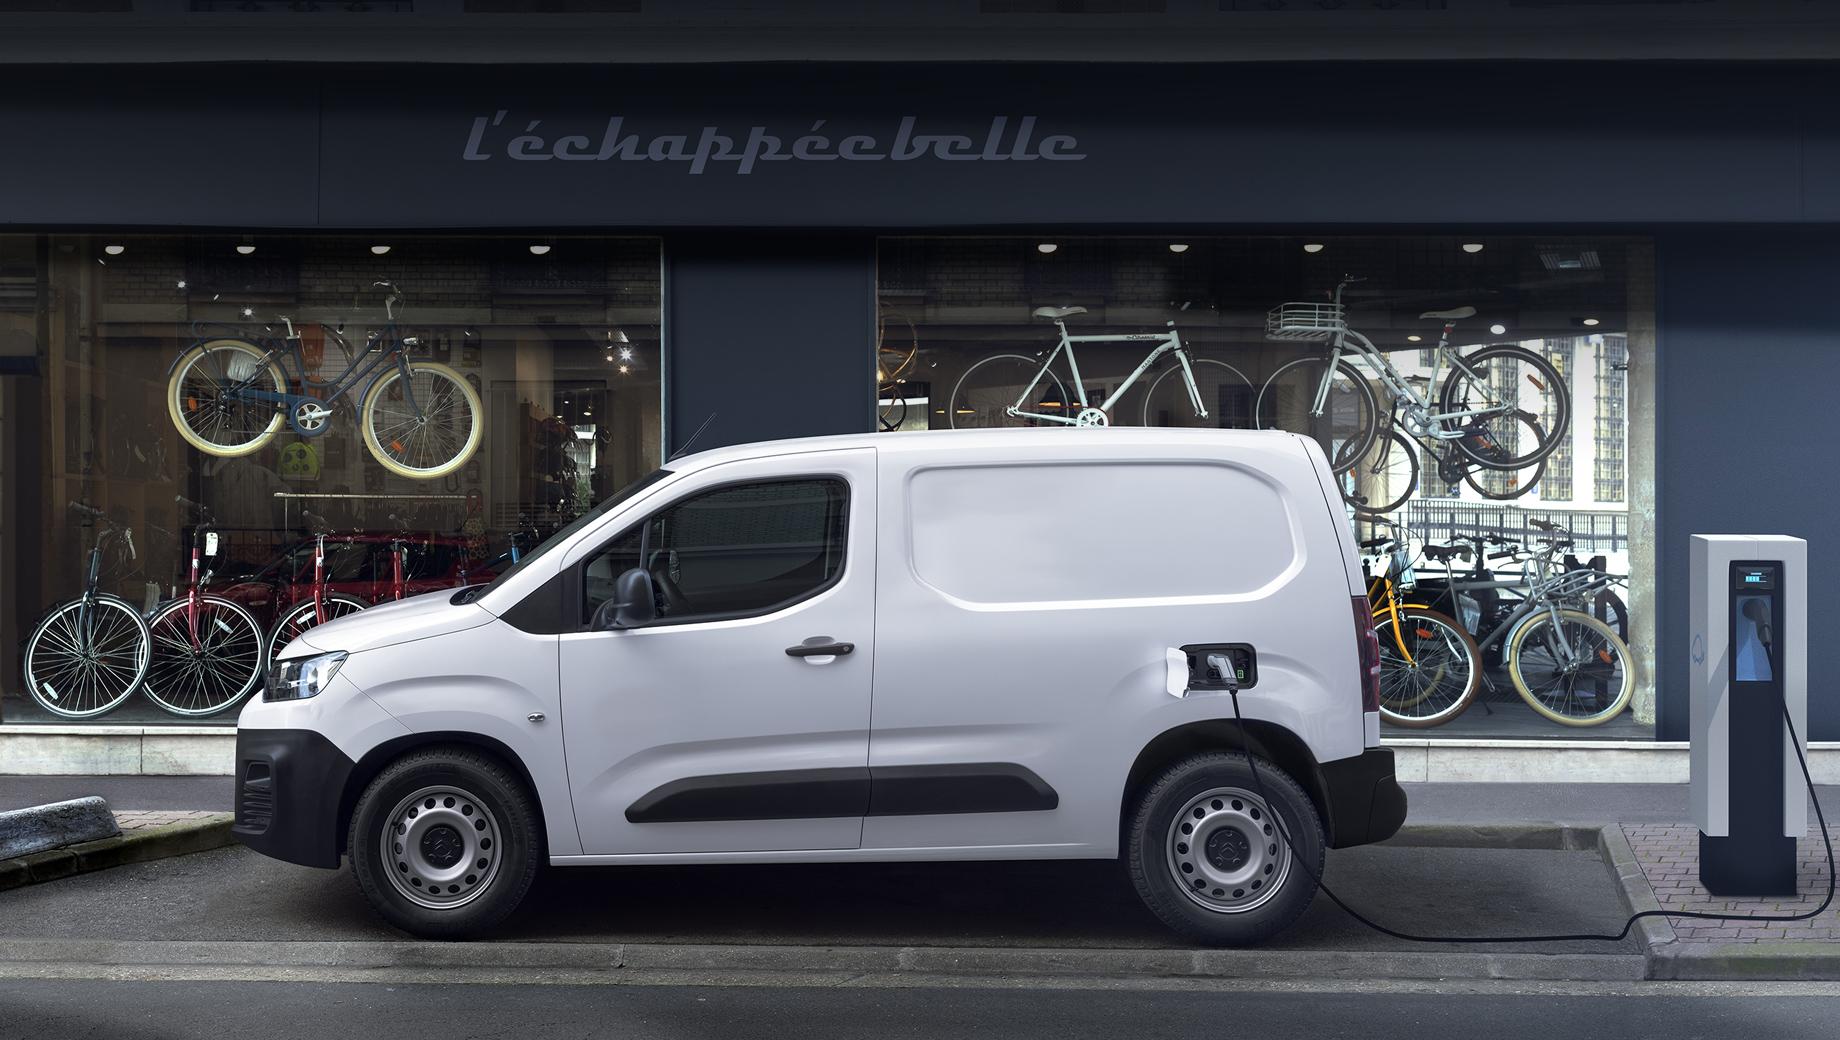 Вэн Citroën ë-Berlingo заботливо распорядится энергией батареи